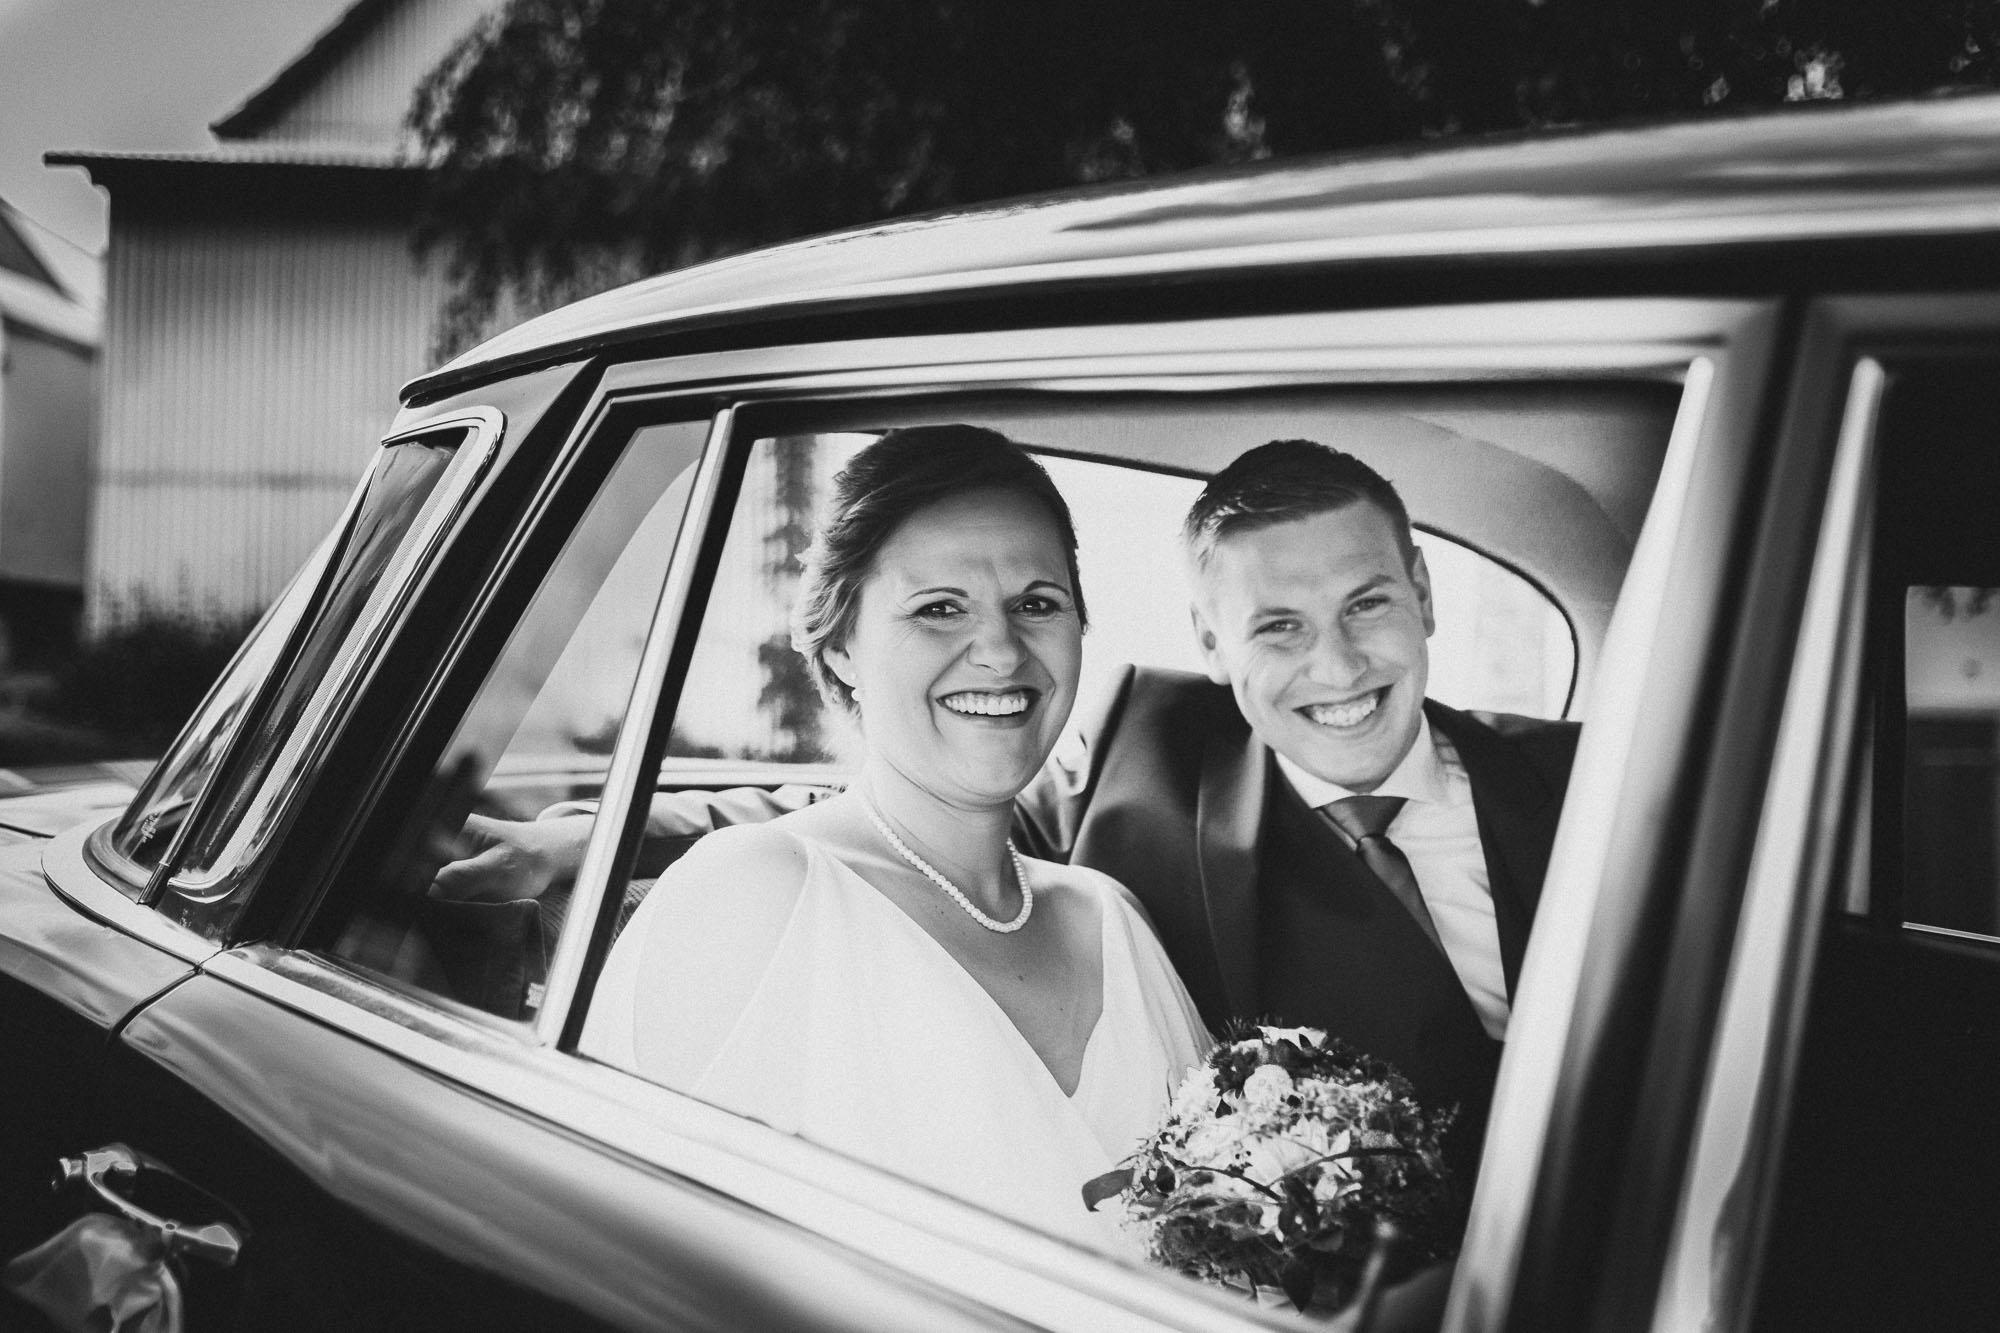 Hochzeitsreportage-Crailsheim-Krystina-Stefan-29